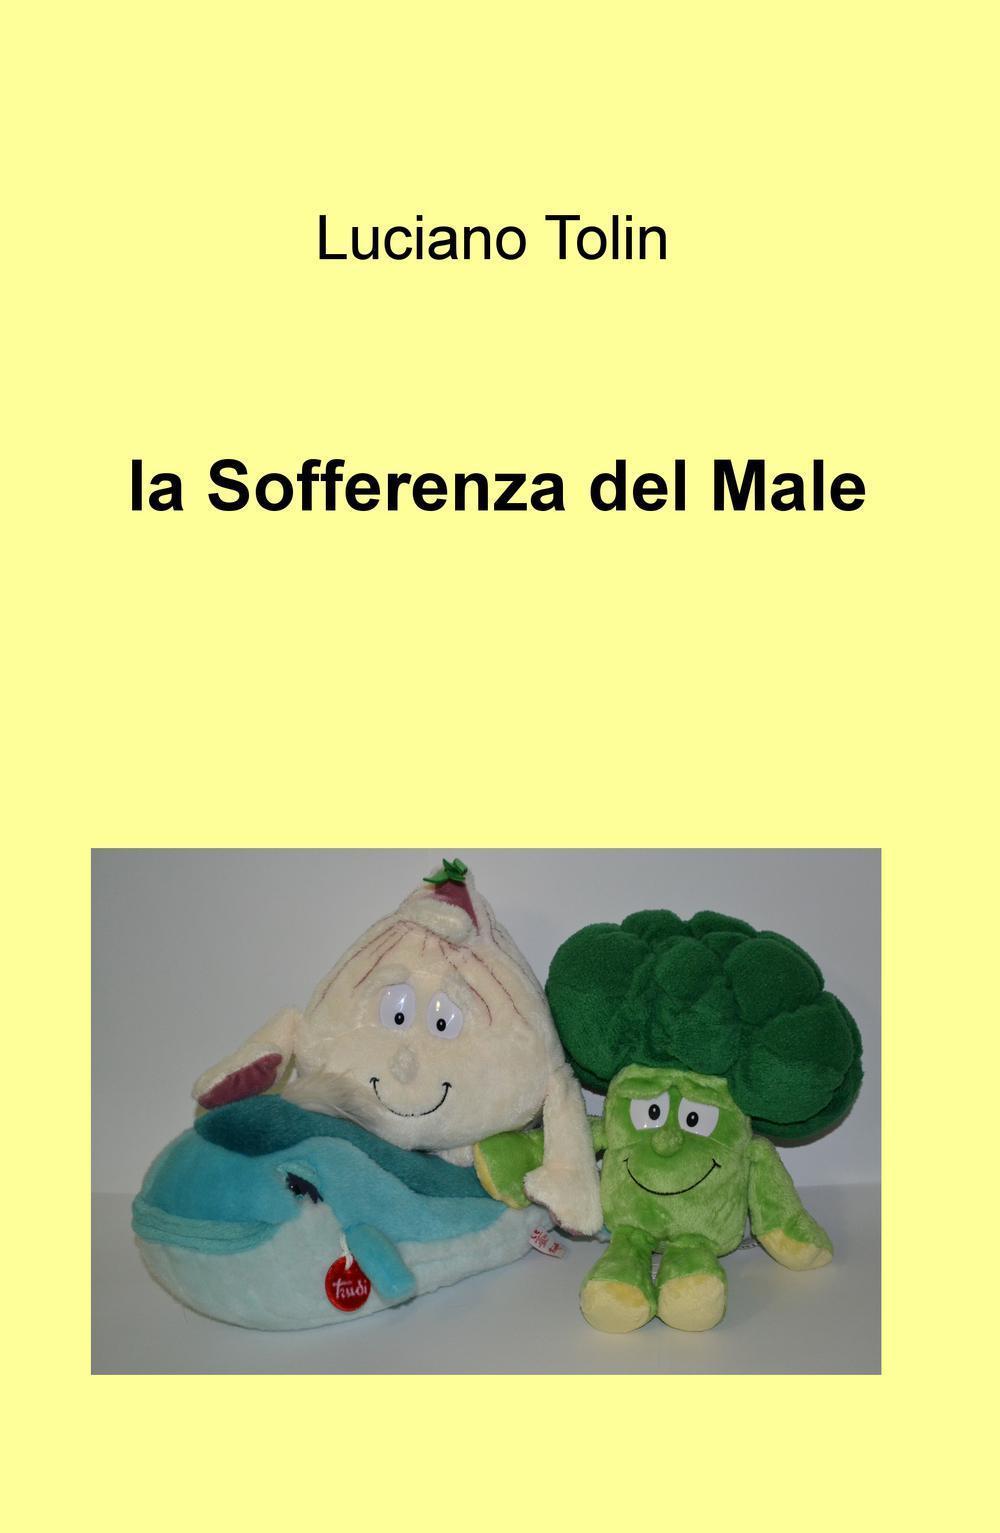 Luciano Tolin La sofferenza del male Luciano Tolin ISBN:9788892311268